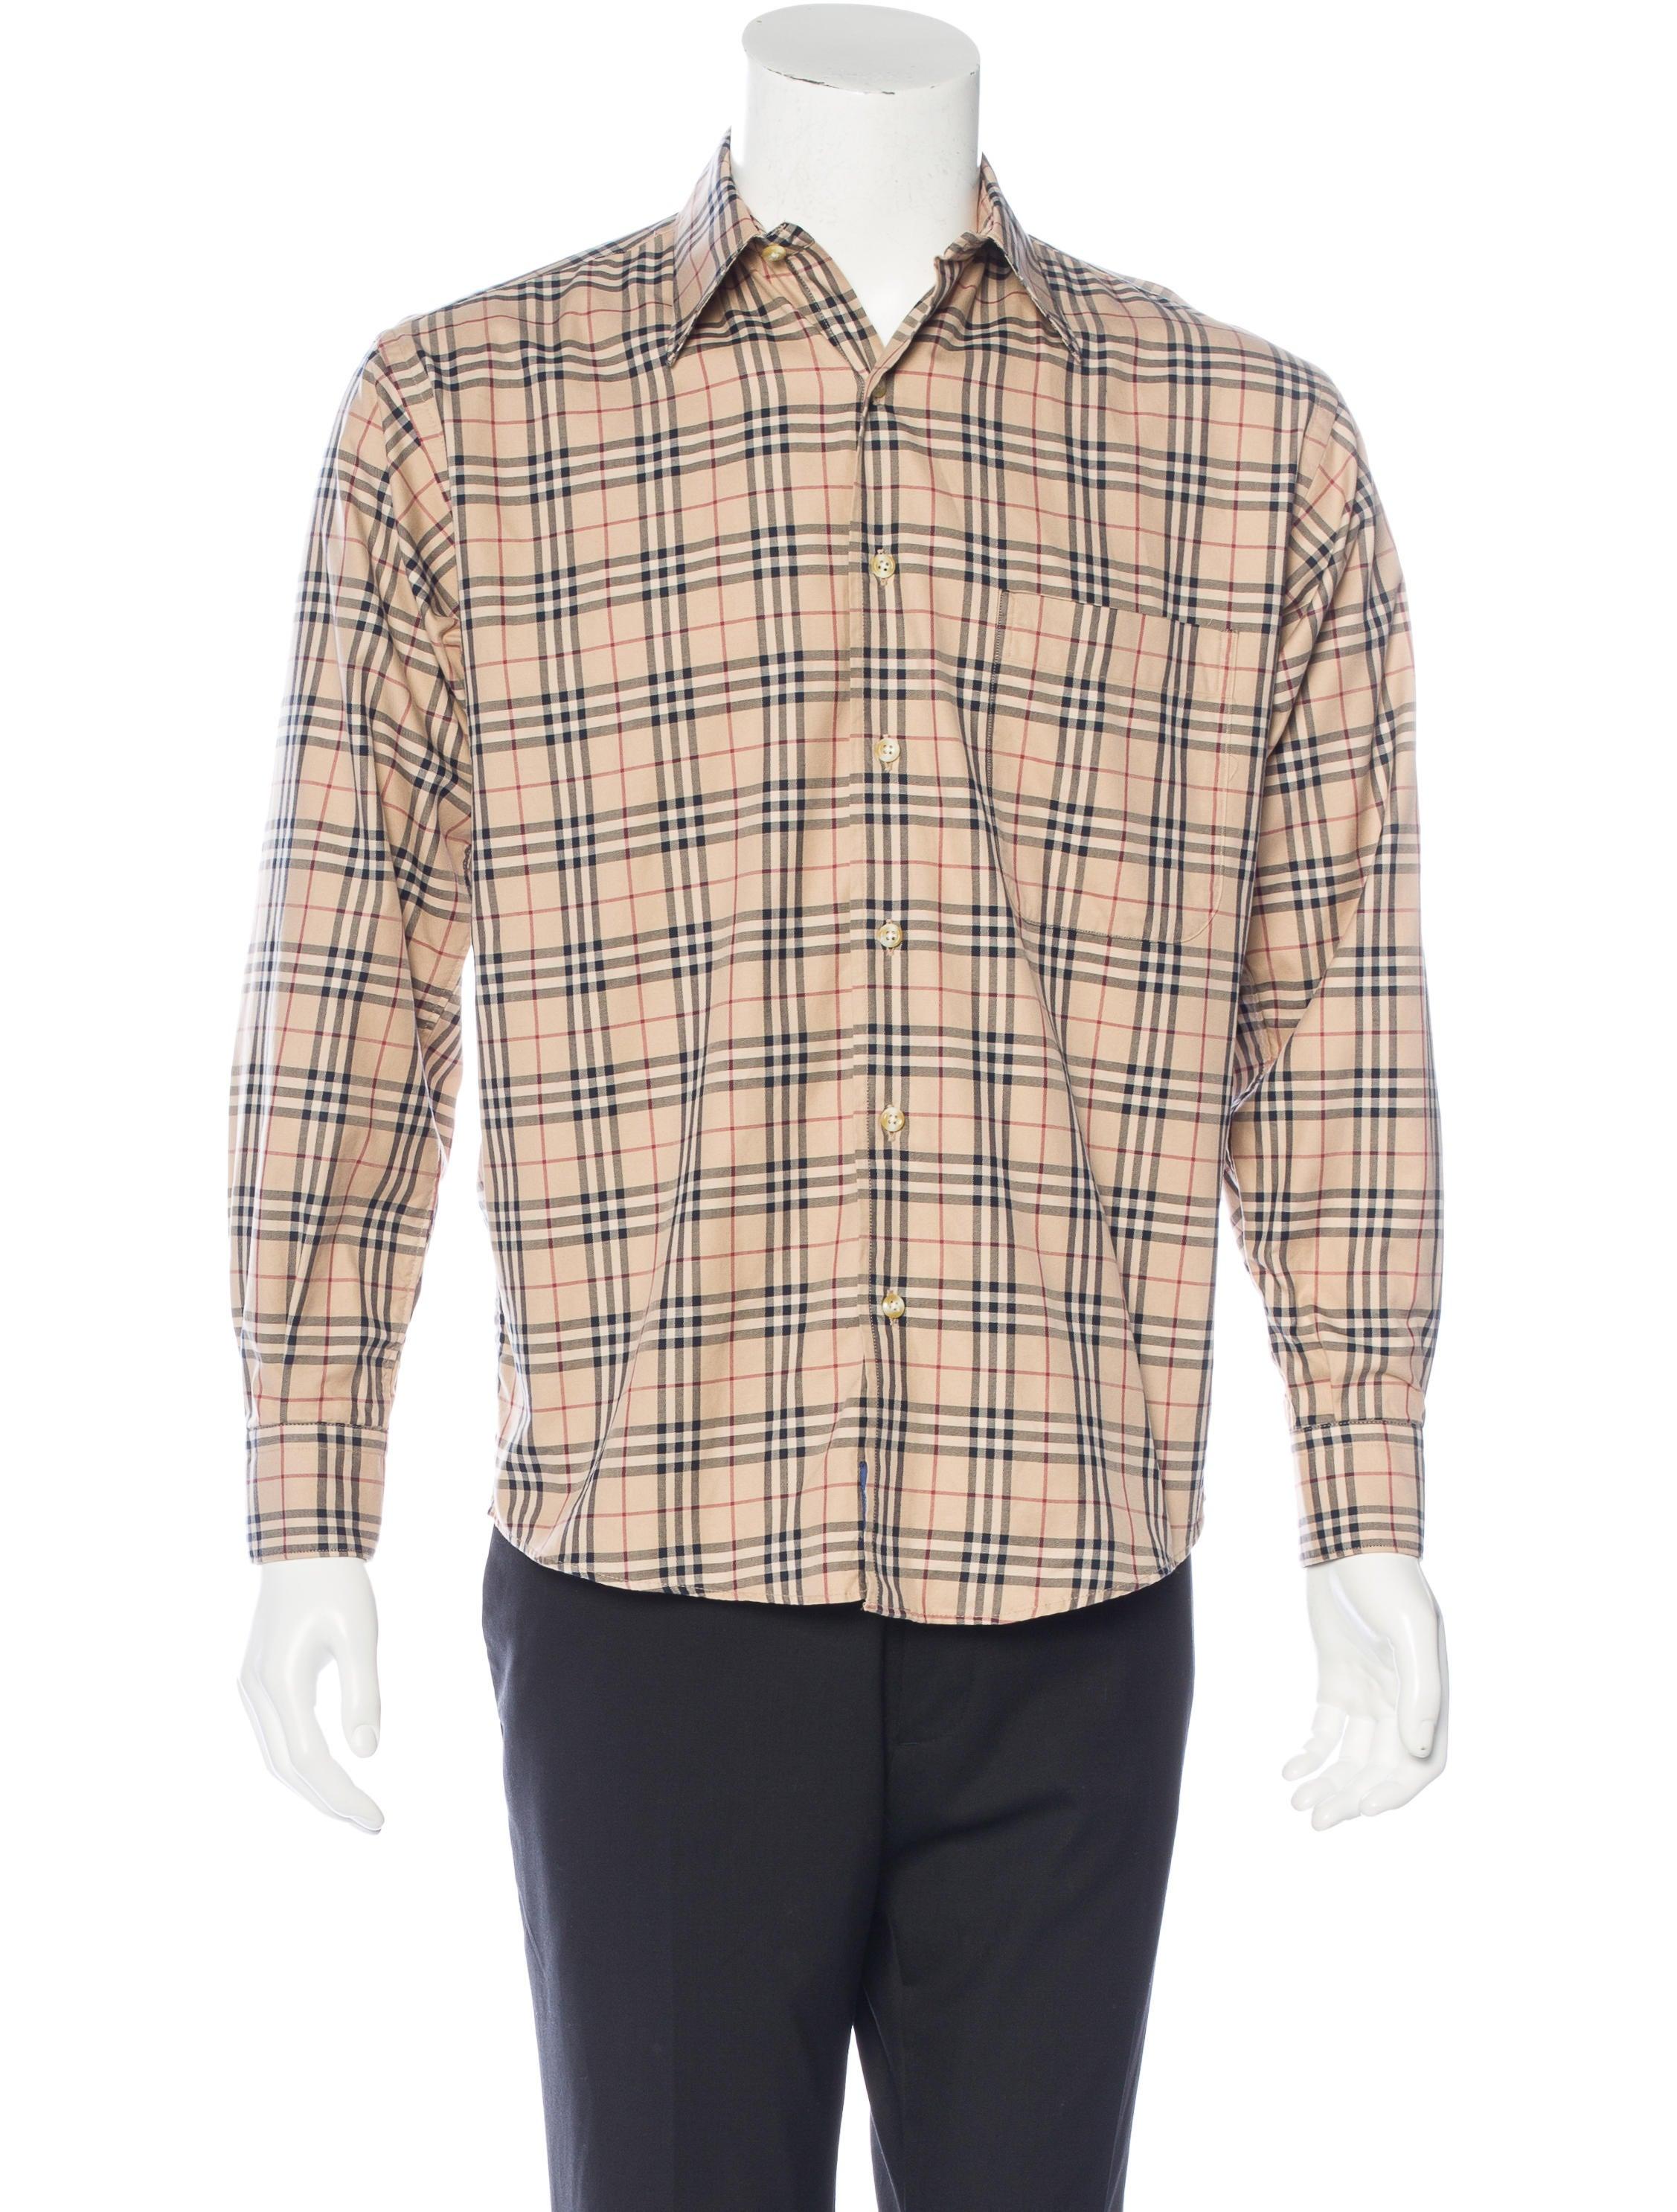 Burberry Nova Check Shirt Mens Shirts Bur66120 The